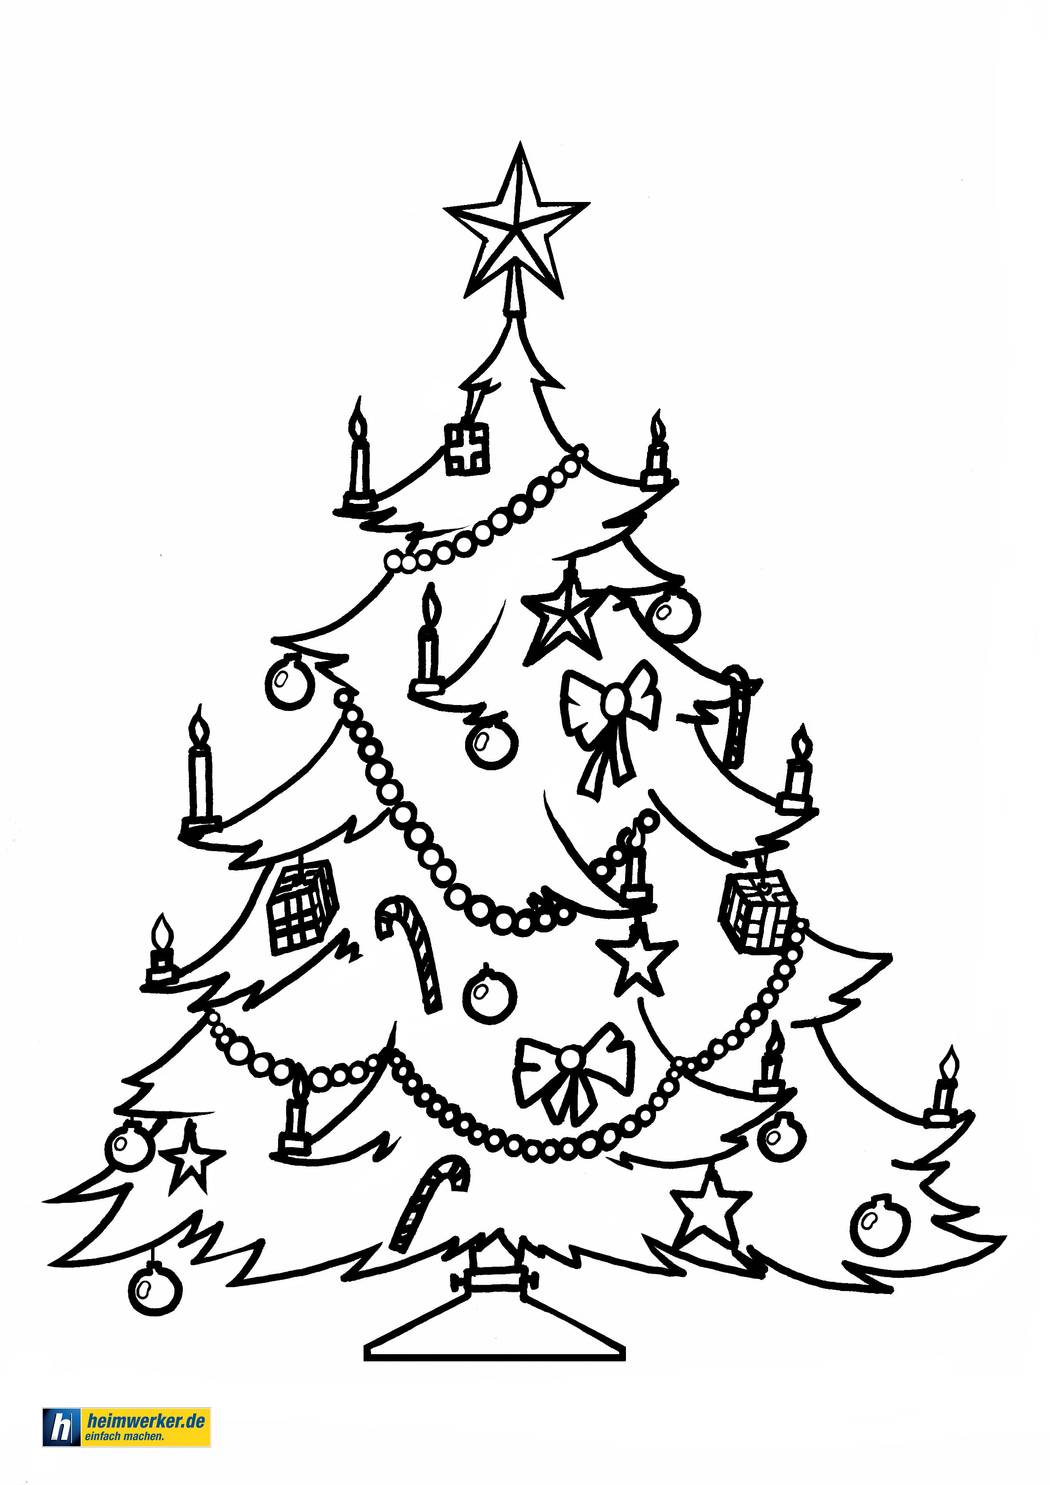 Malvorlagen Zu Weihnachten - Die Schönsten Ausmalbilder Zum für Weihnachtsbilder Vorlagen